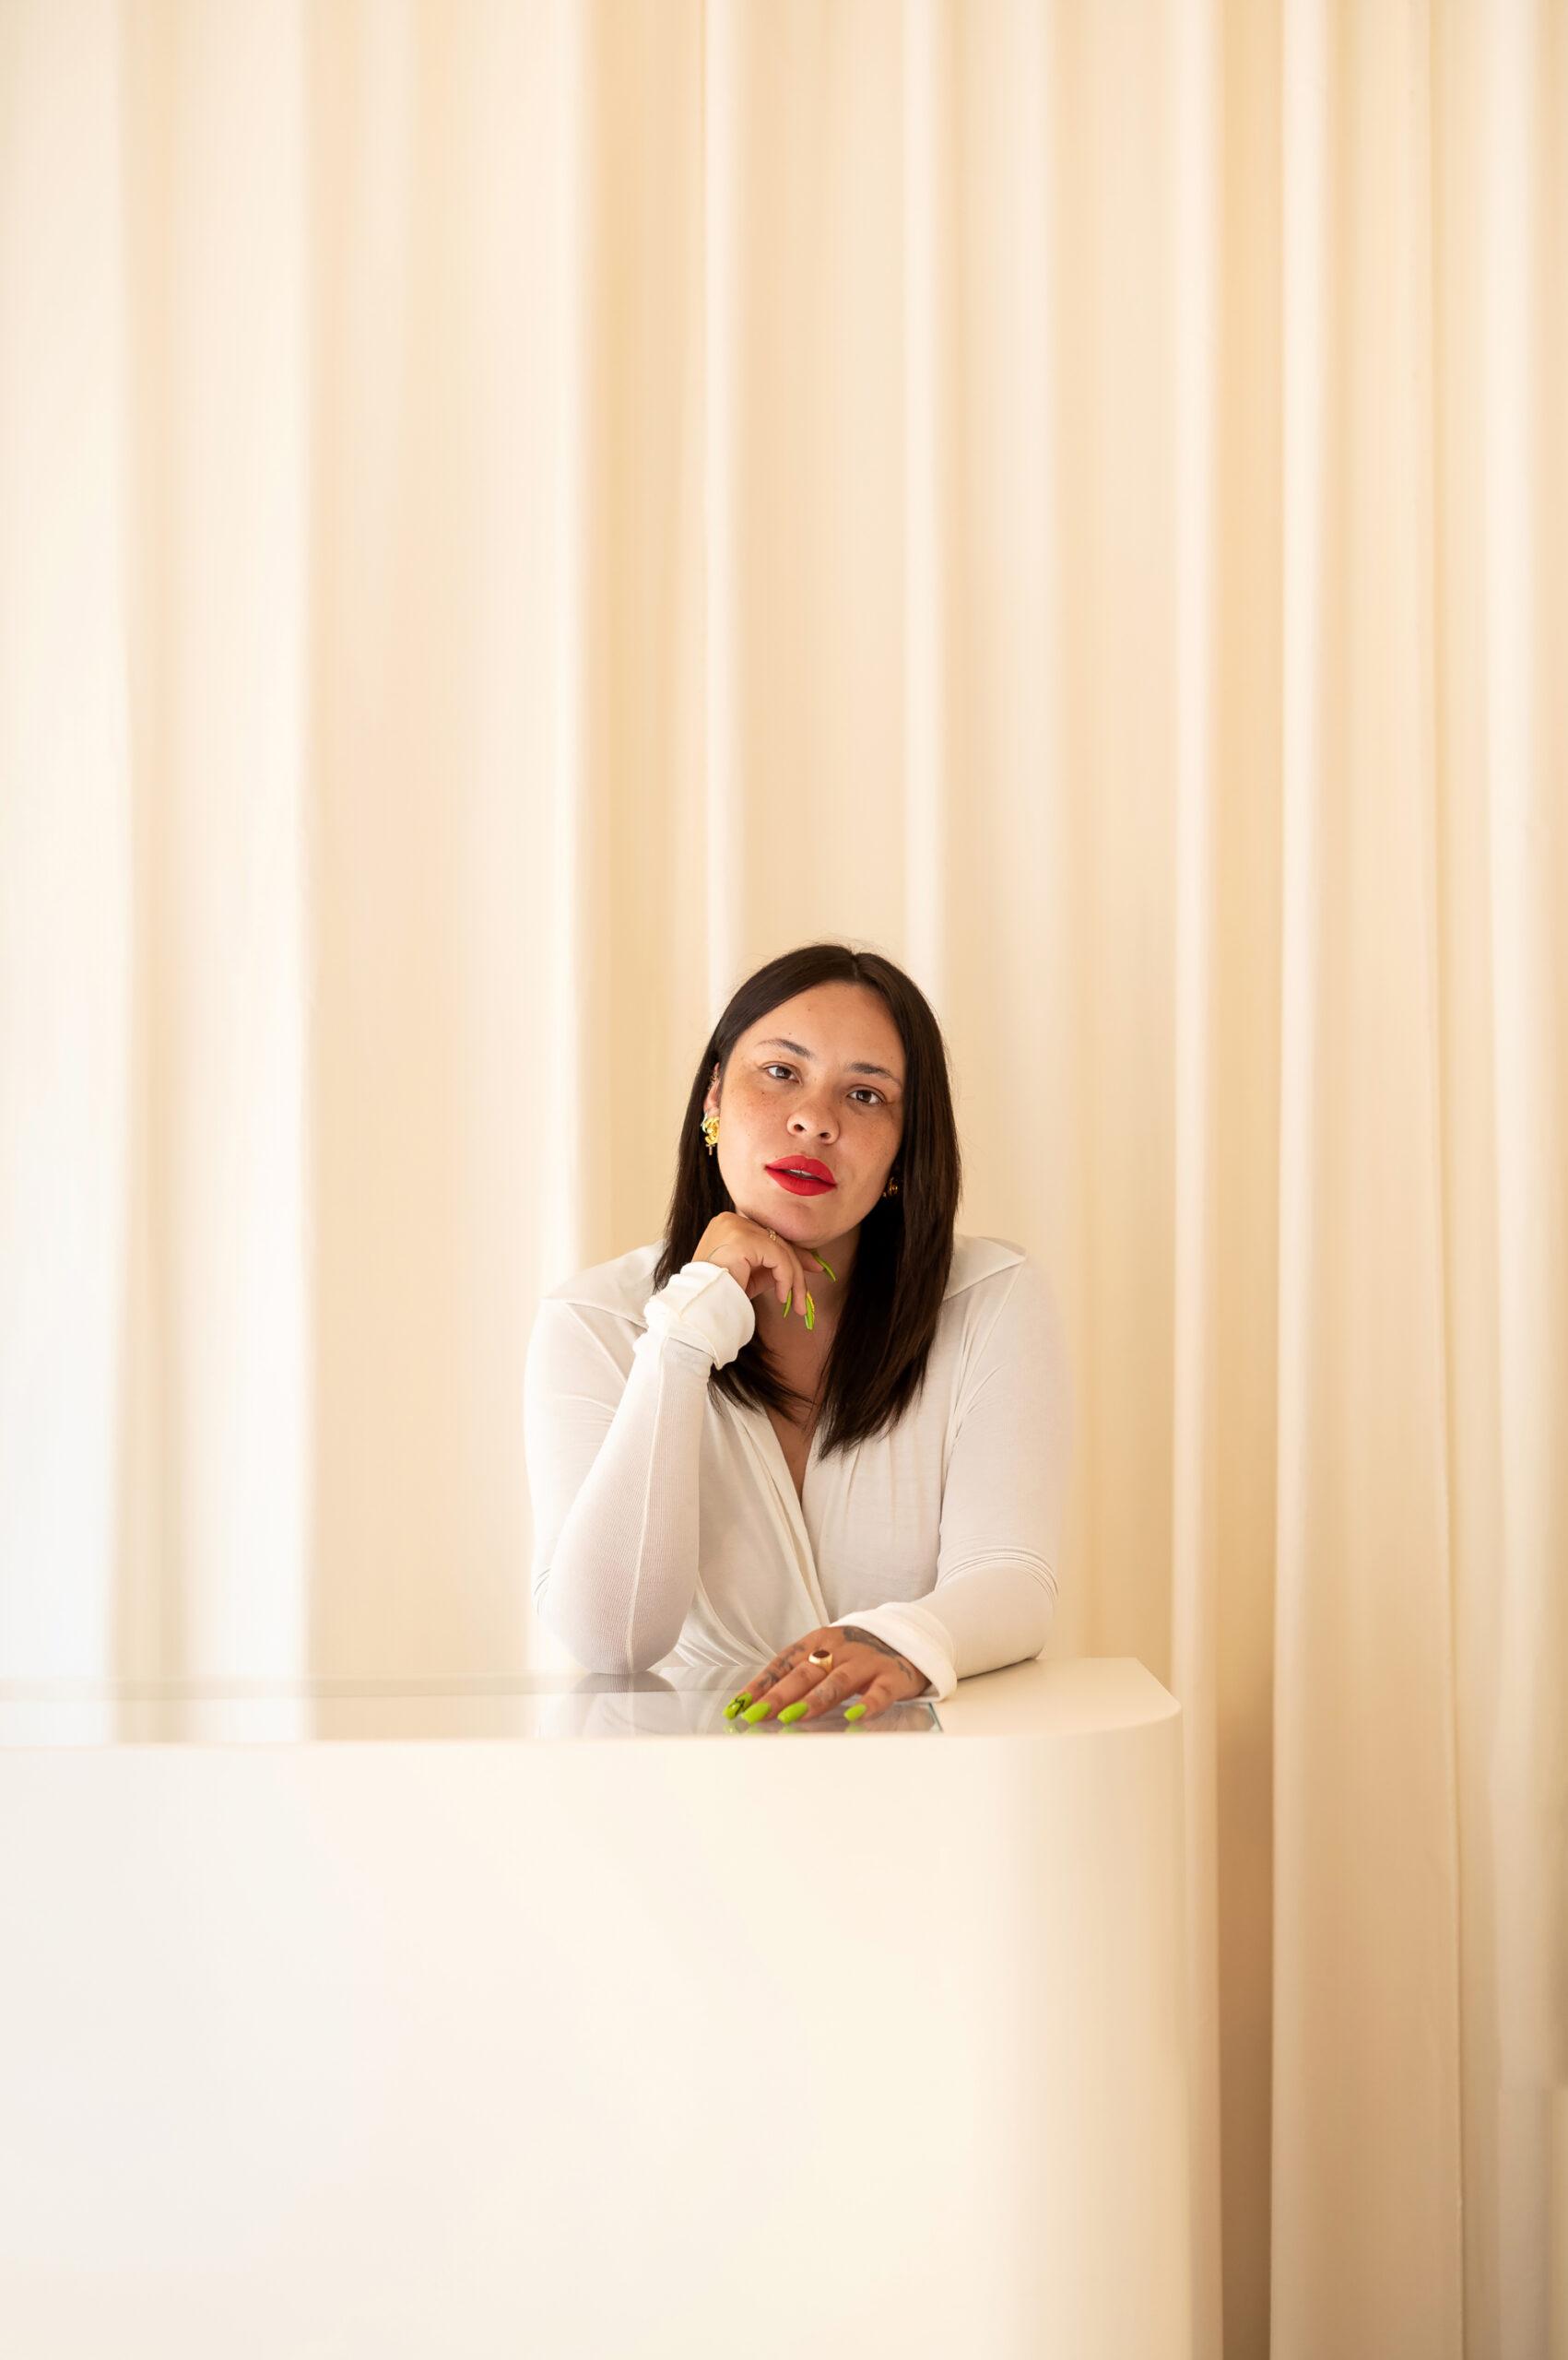 fotograf portretowy warszawa, sesje biznesowe, sesje wizerunkowe, kreatywny fotograf warszawa, artystyczny fotograf portretowy